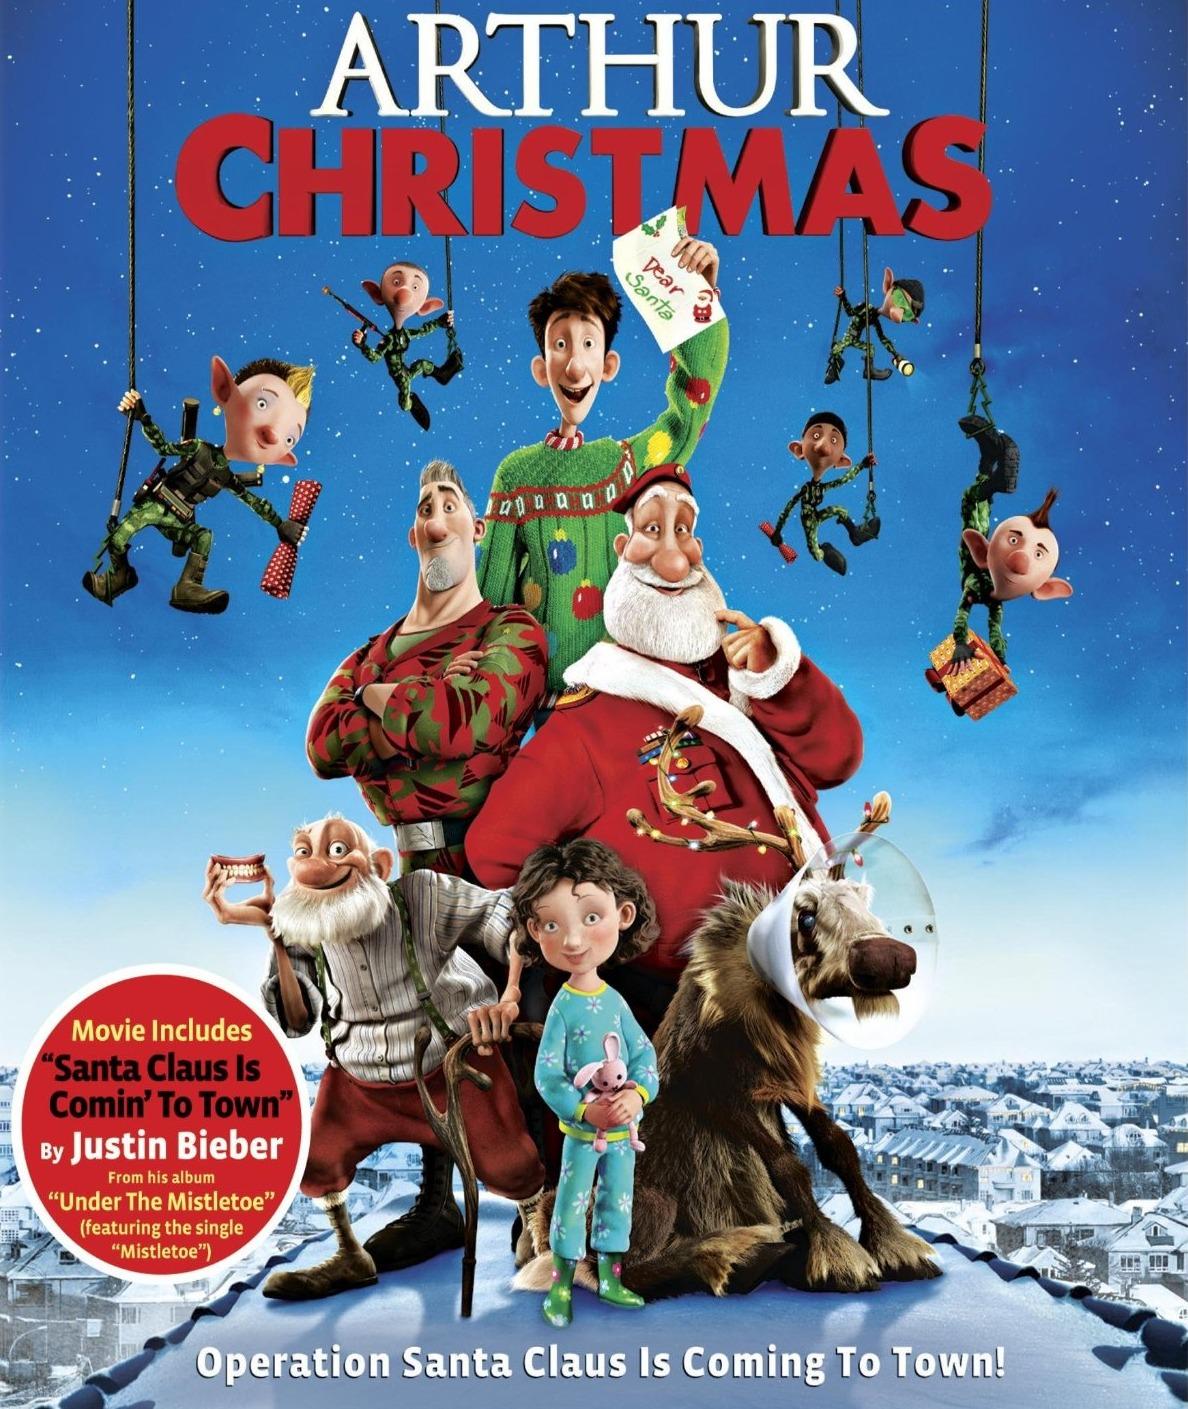 Arthur Christmas 2 - Reel Life With Jane